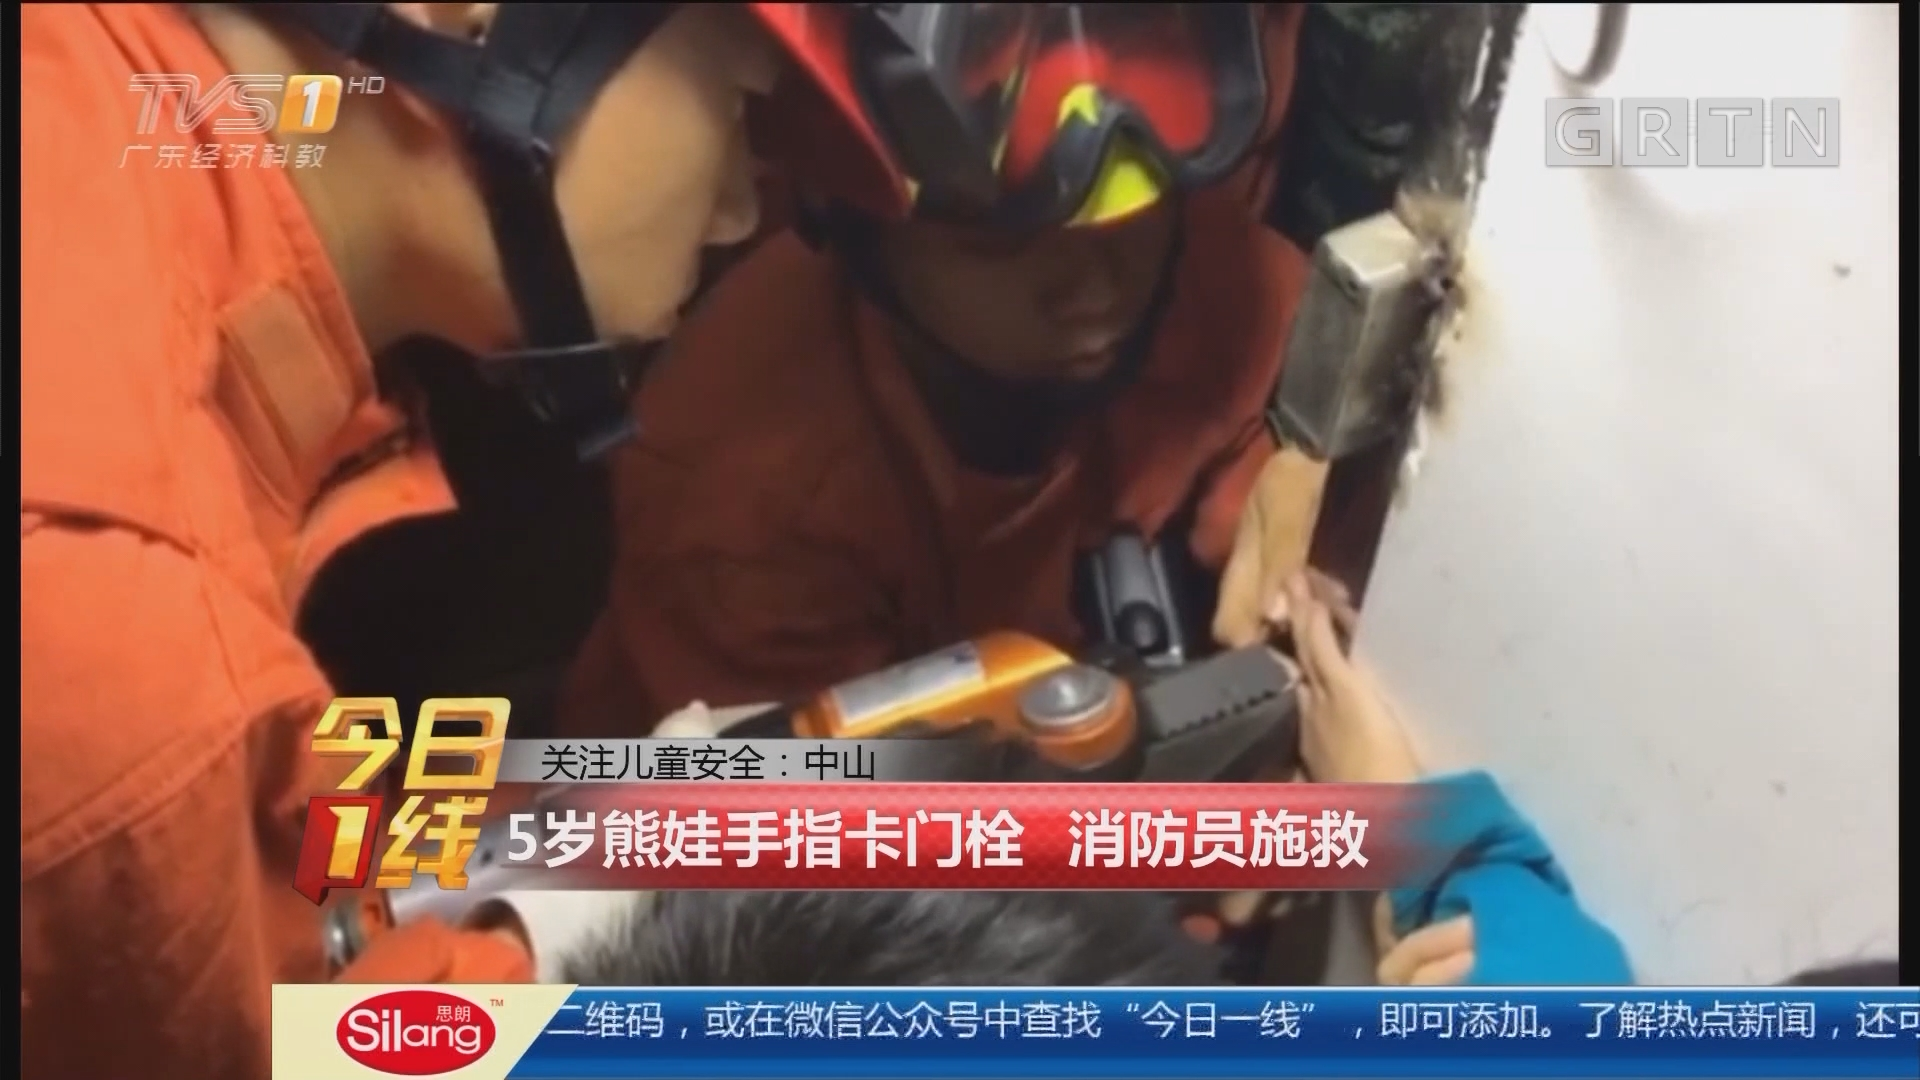 关注儿童安全:中山 5岁熊娃手指卡门栓 消防员施救